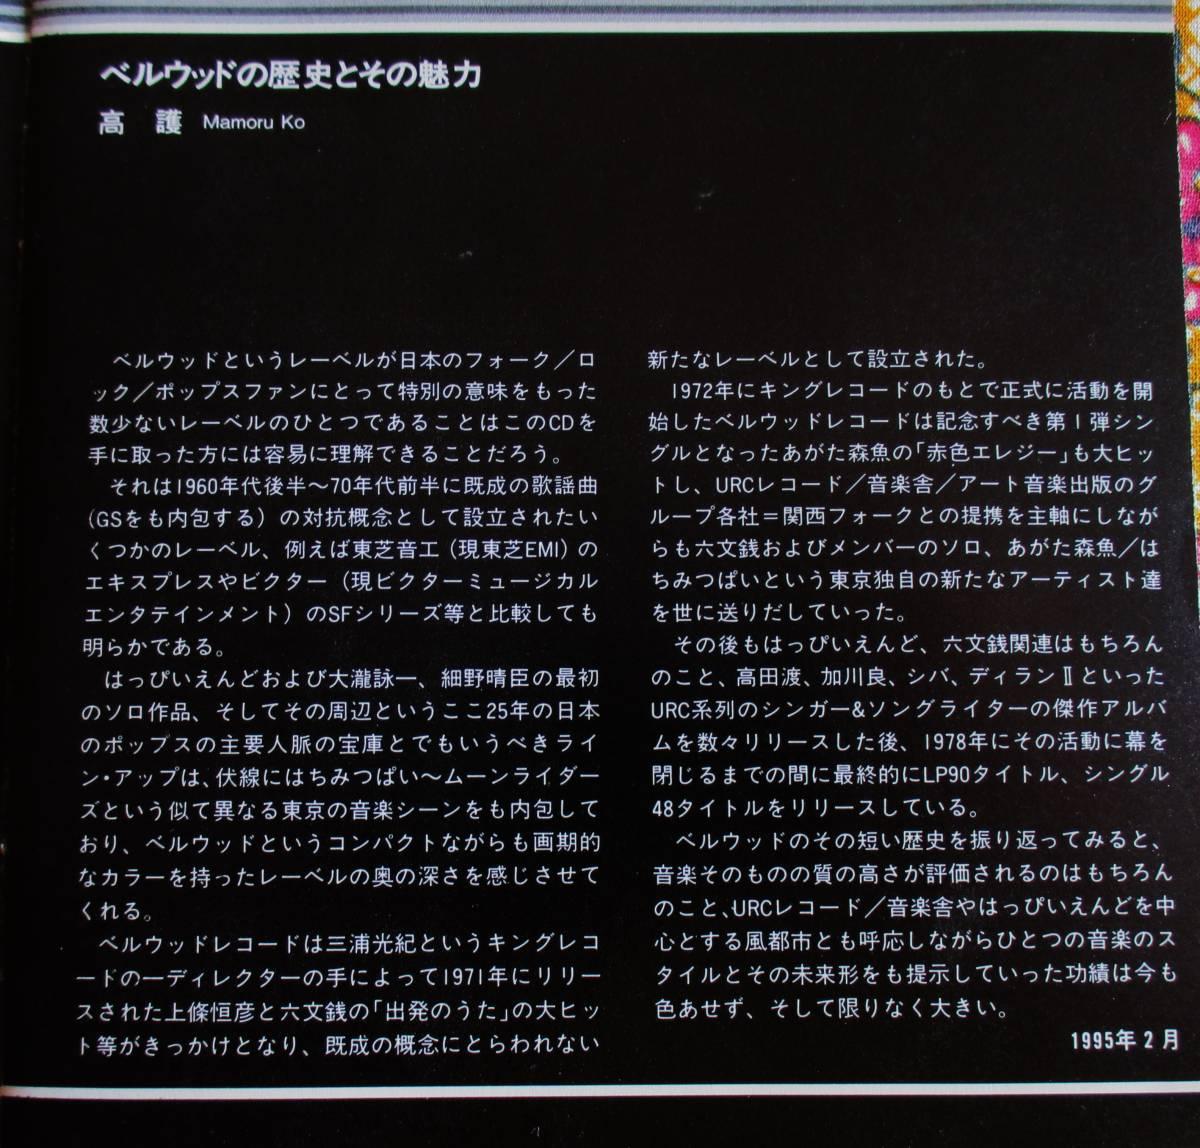 【帯付CD】あがた森魚 / 僕は天使ぢゃないよ→大瀧詠一・ティンパンアレー・ 鈴木茂 ・細野晴臣 _画像5